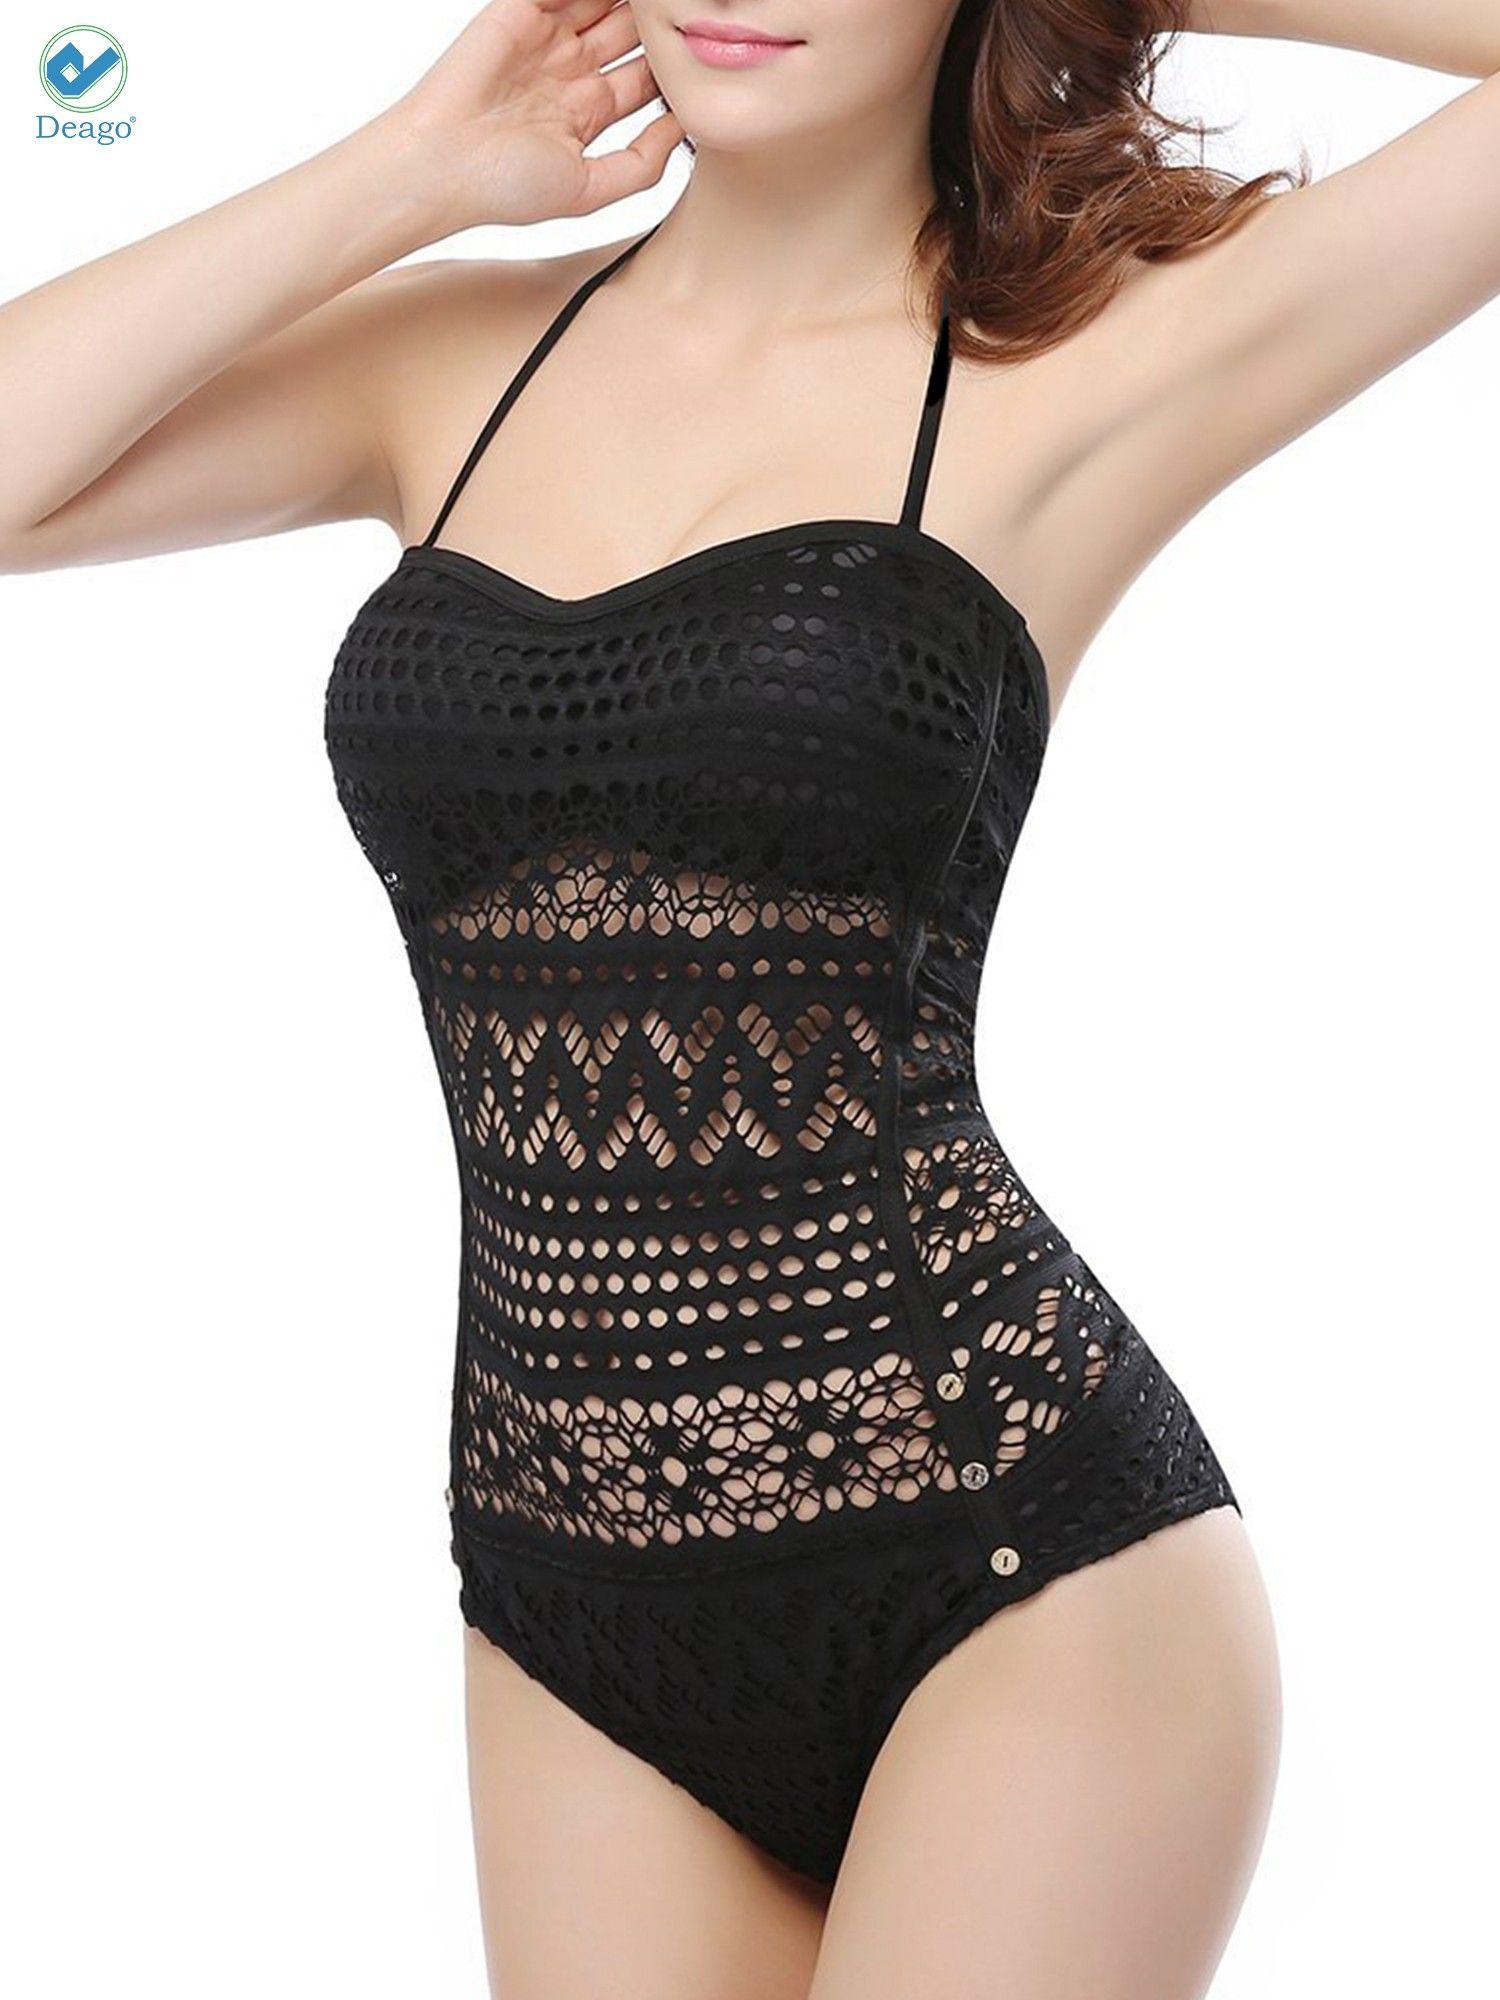 960b72cf48 Deago Women's Crochet Lace Halter Straps Swimsuits Bathing Beach Suit  Padded Bikini Monokini Swimwear US 0-16#Halter, #Straps, #Swimsuits